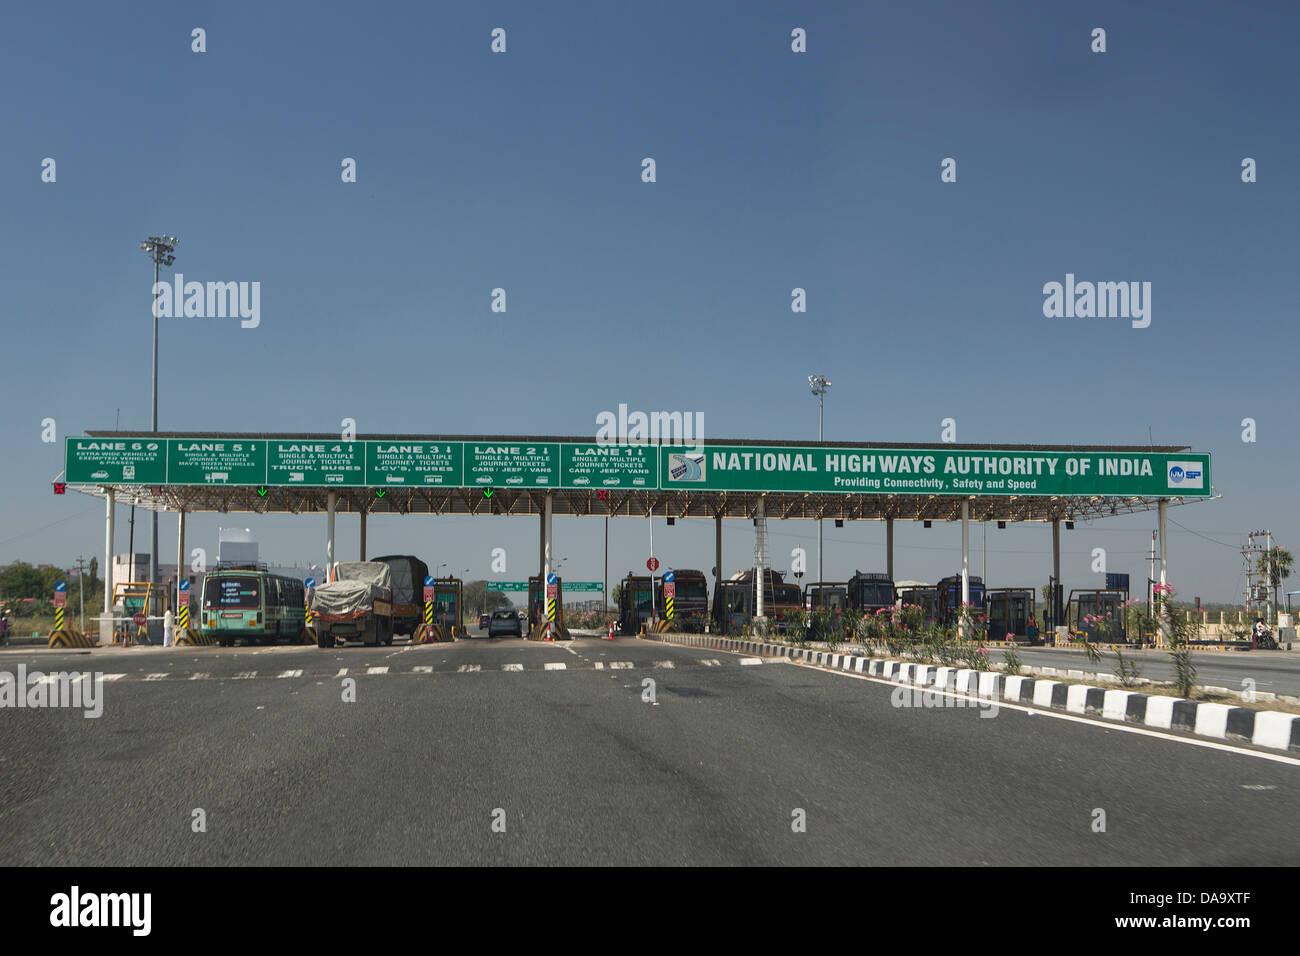 L'Inde, l'Inde, l'Asie, l'autoroute, péage, de sélection, de contrôle, d'expressway, Photo Stock